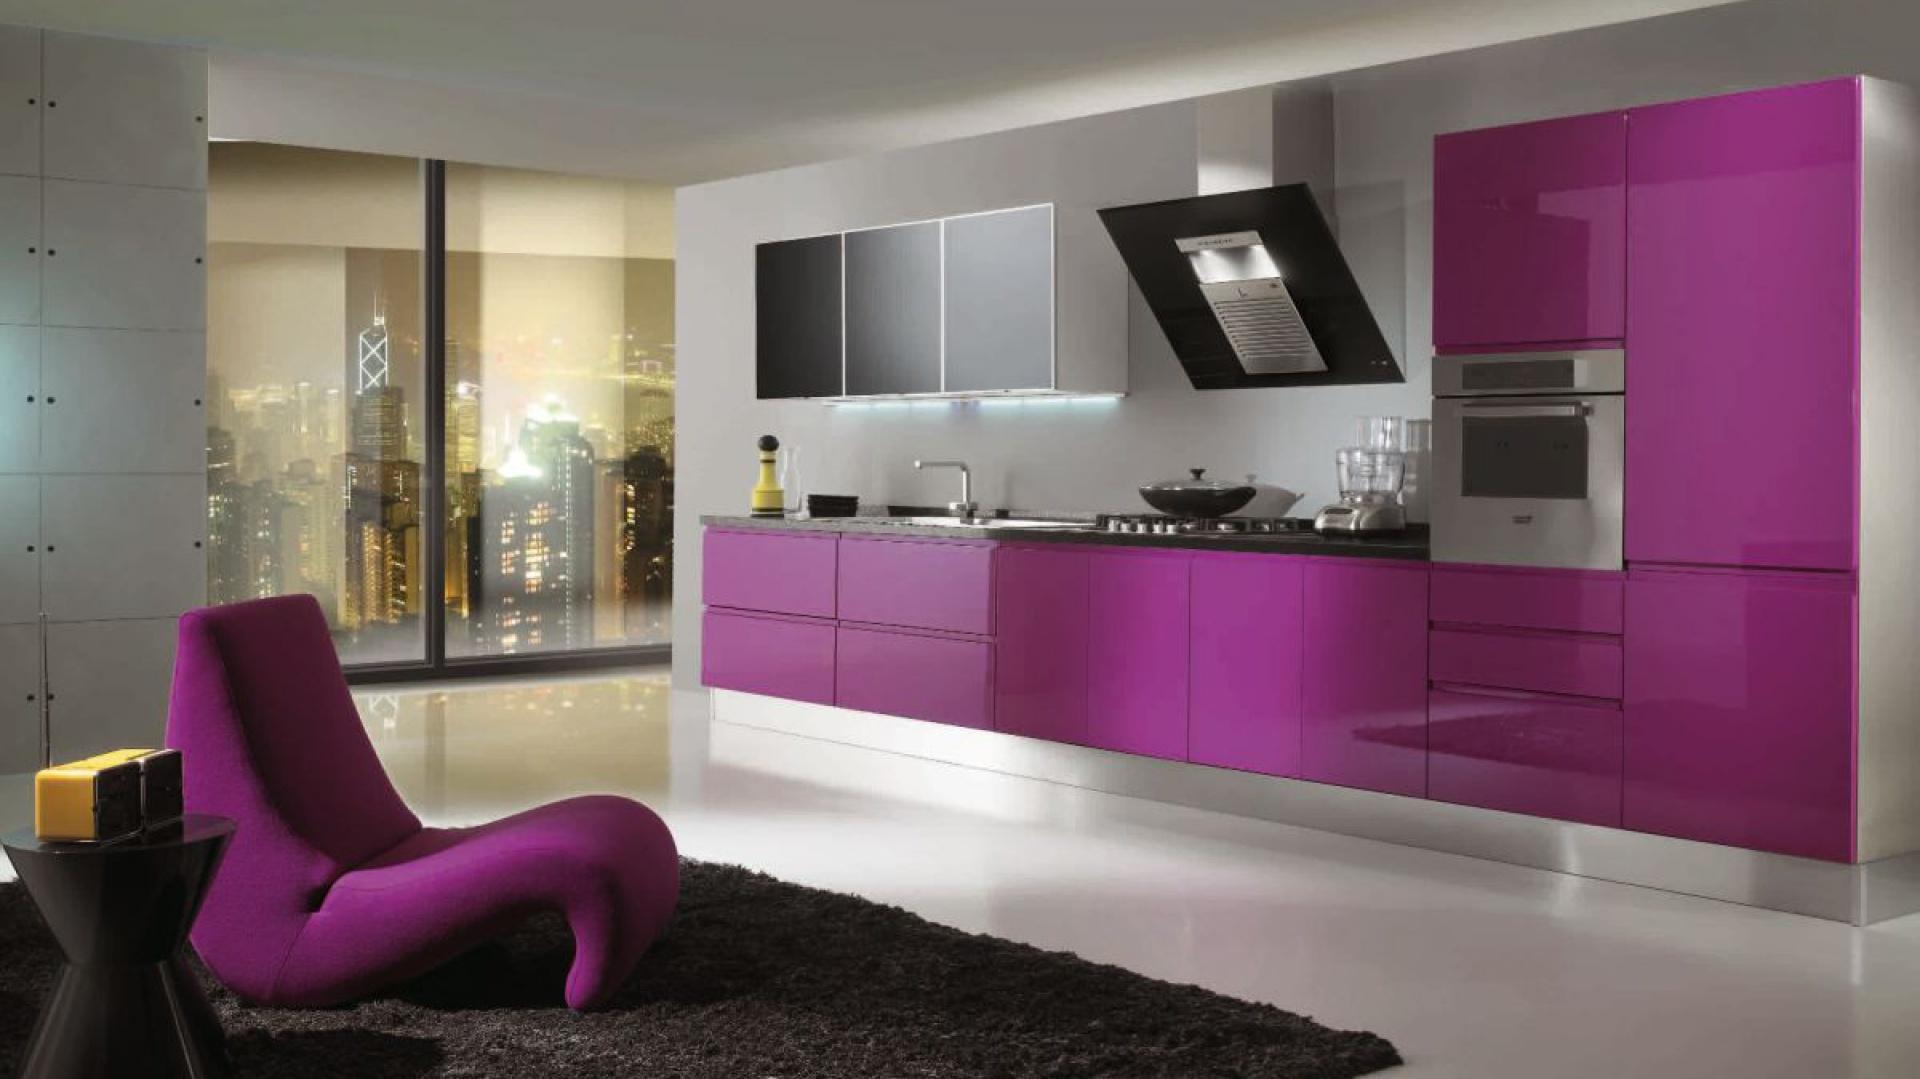 meble z kolekcji alice kolor w kuchni wybierz modny